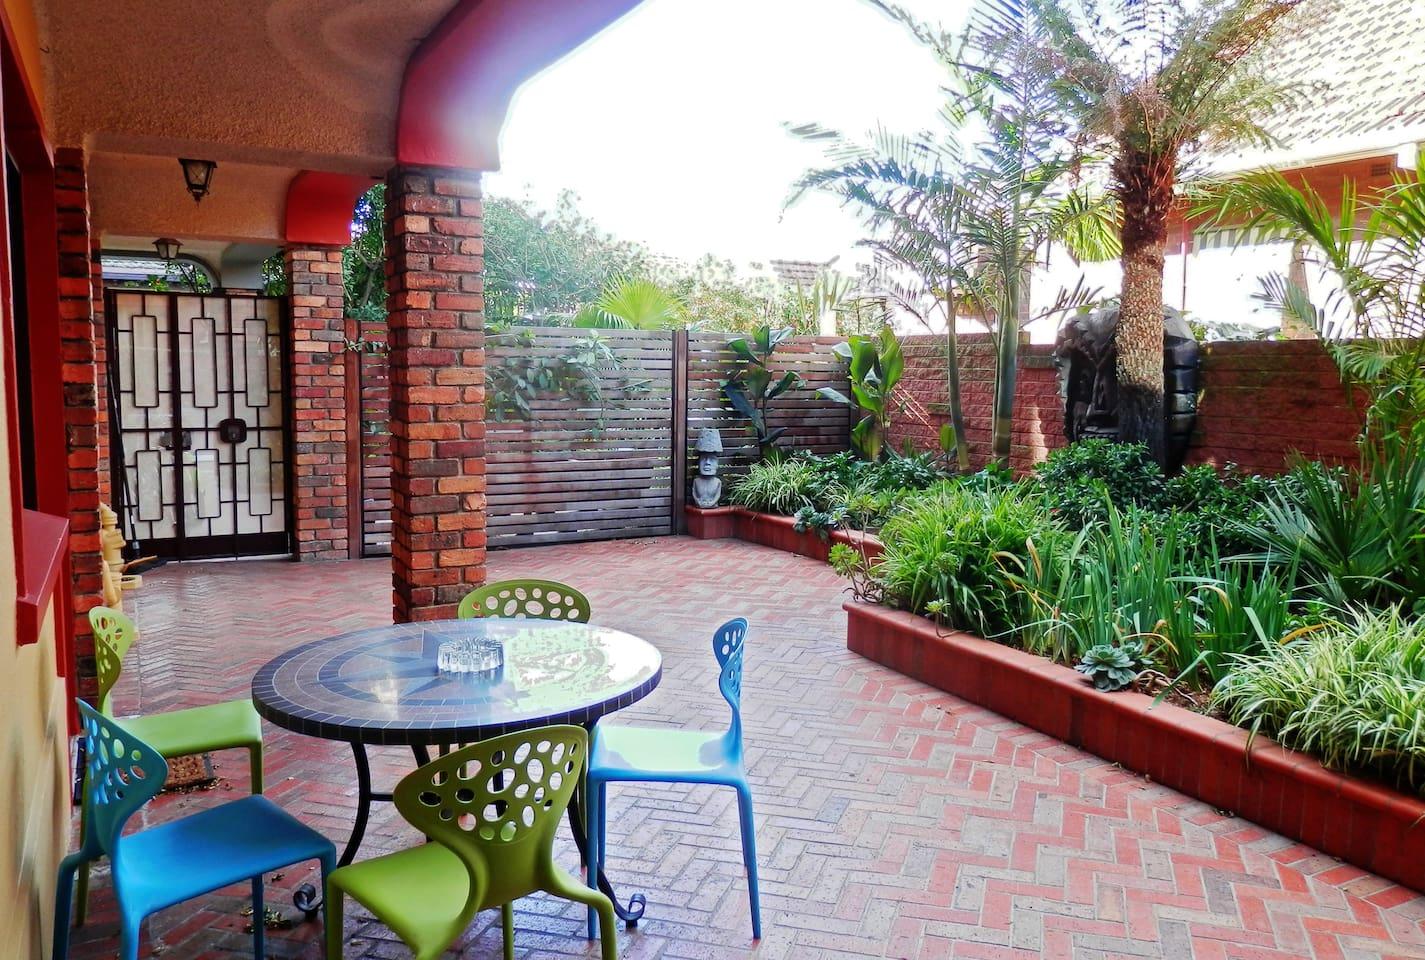 Lush Tropical Garden with Tikis!